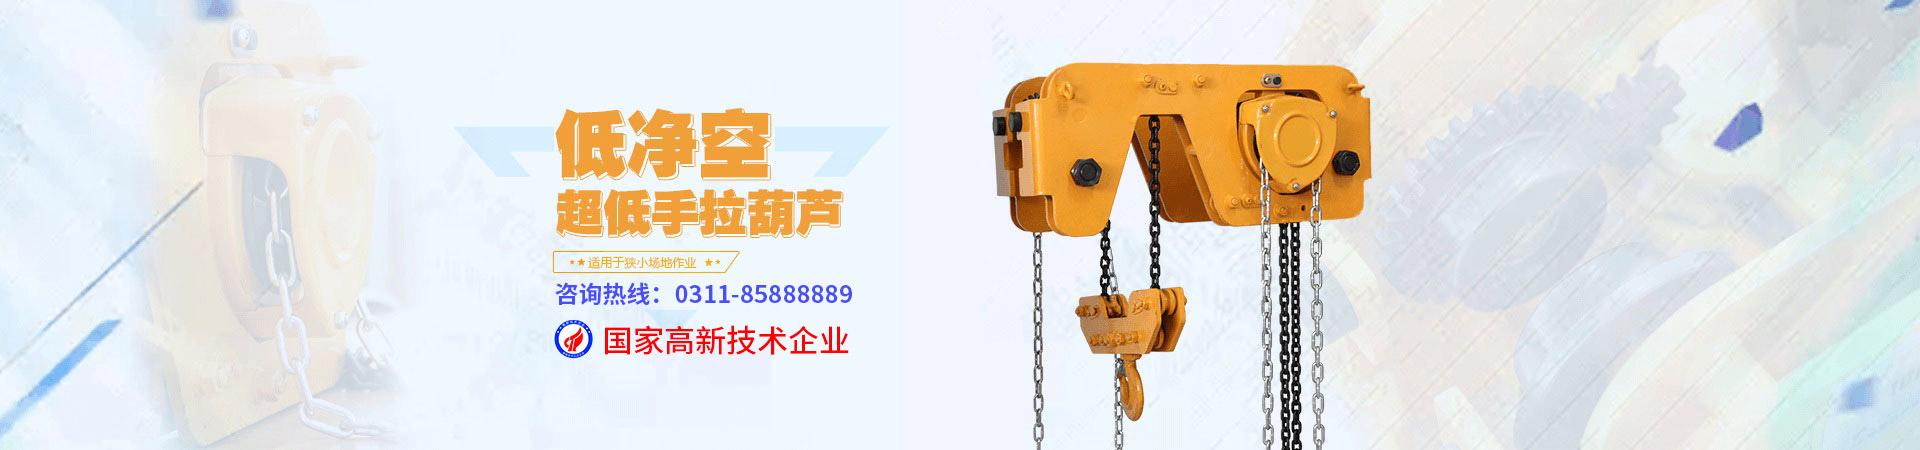 杭zhou亿宝娱le机械设备有限公司